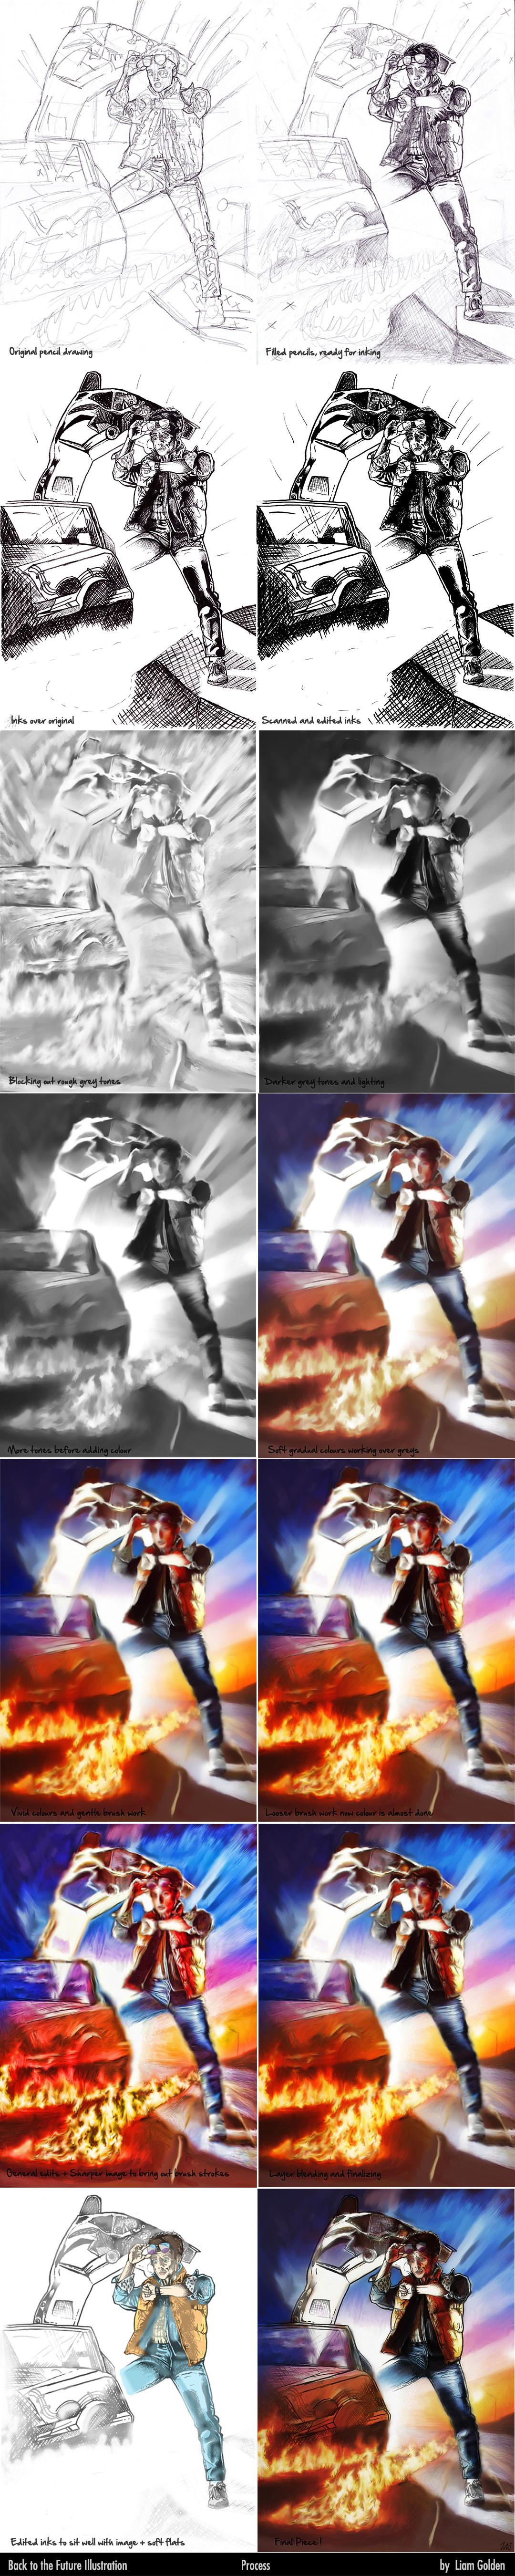 Liam golden bttf process collage 1